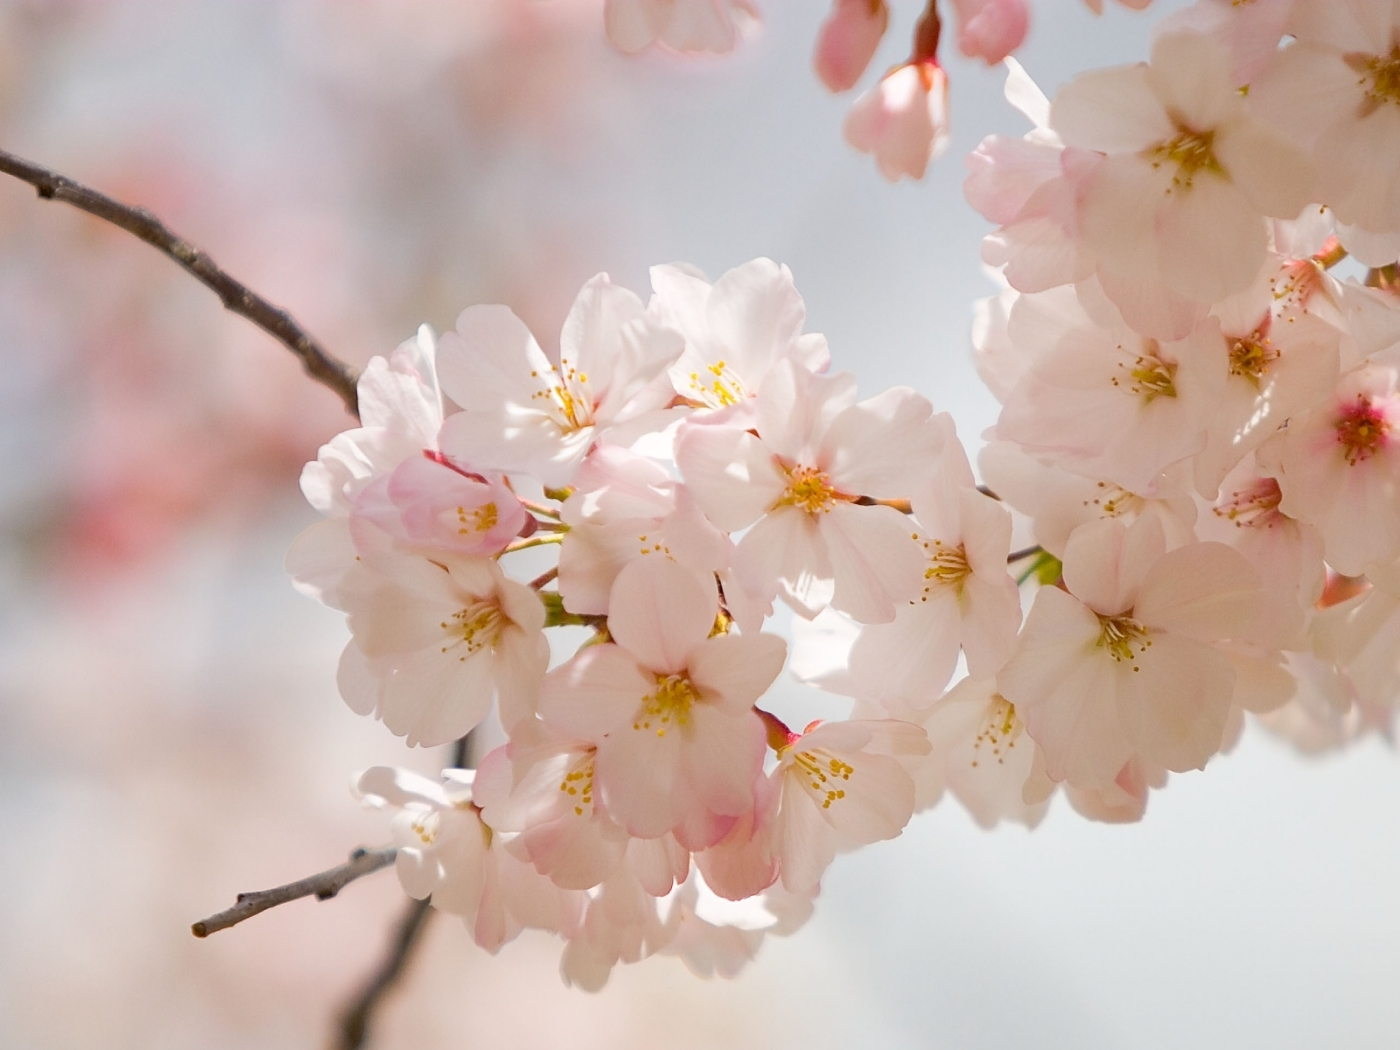 25758 скачать обои Растения, Цветы, Деревья - заставки и картинки бесплатно